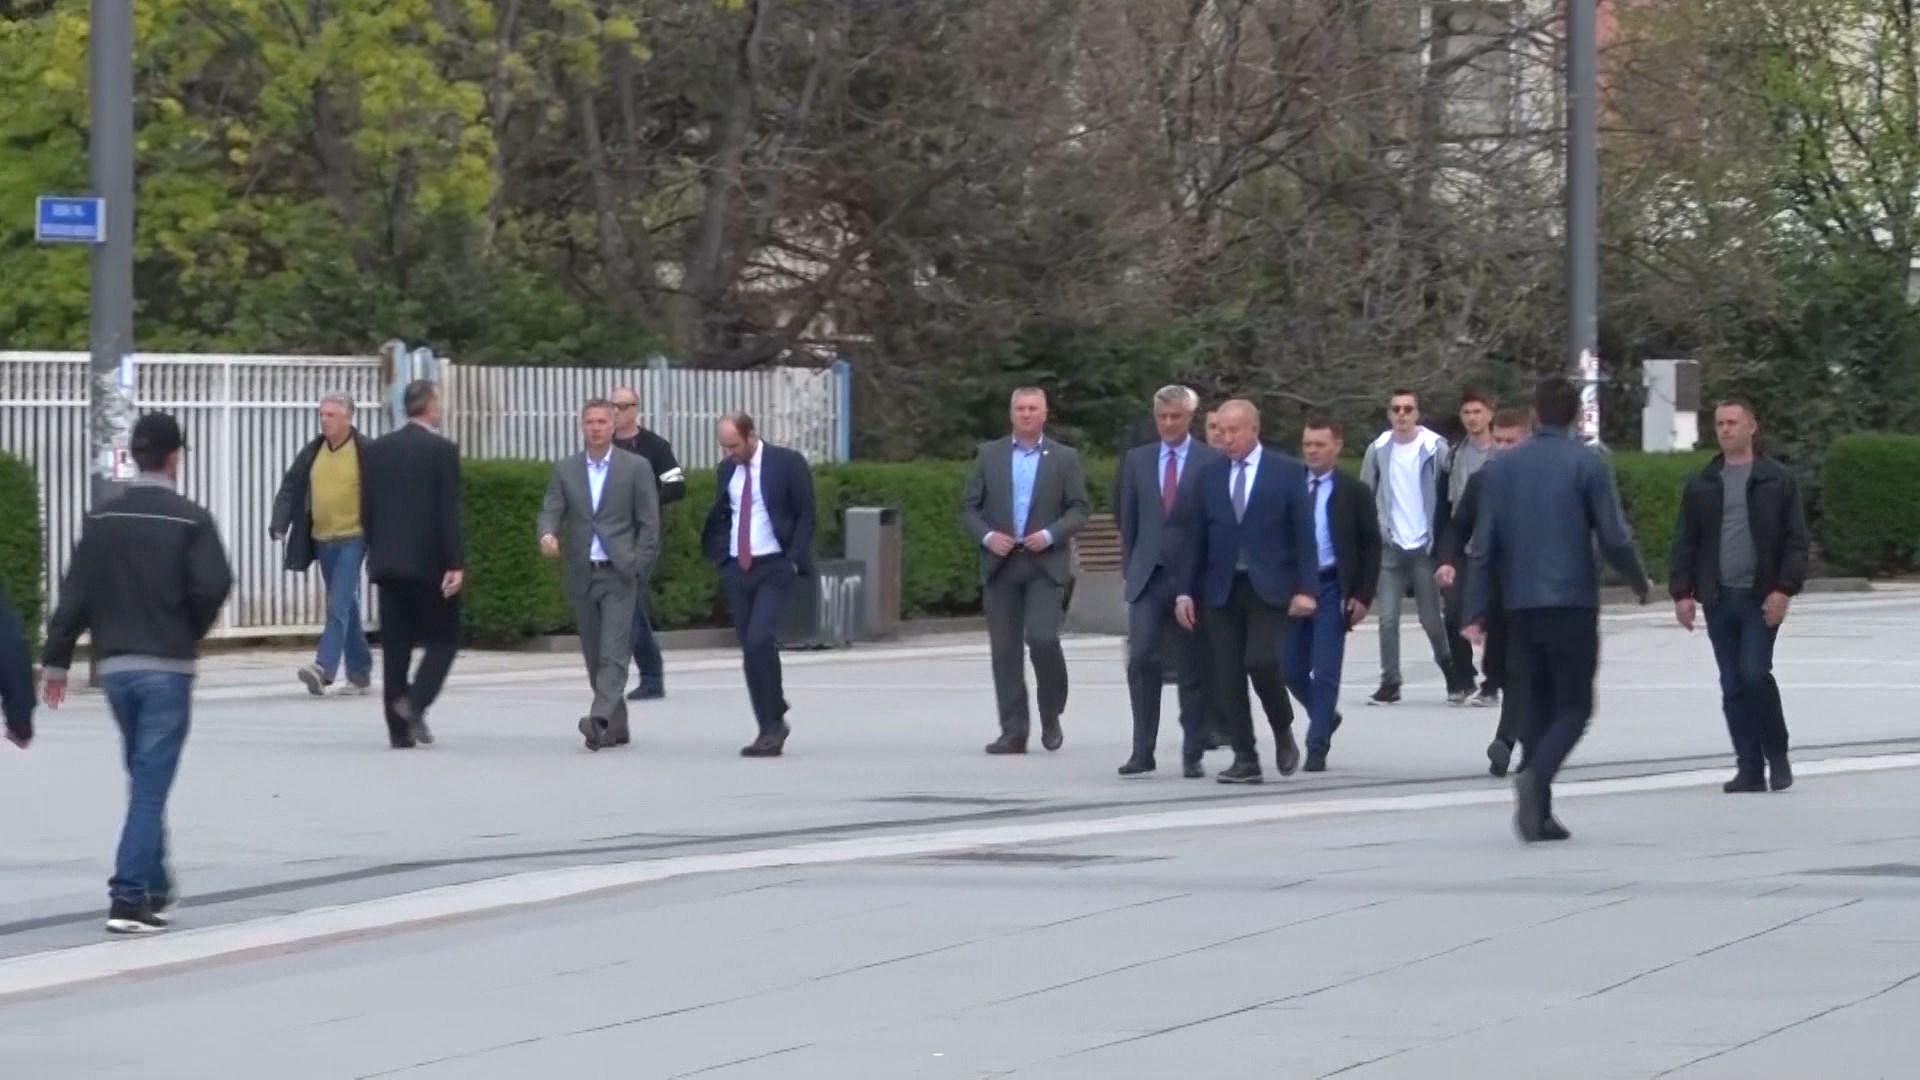 Kosova ende në dilemë mes zgjedhjeve të parakohshme dhe qeverisë teknike